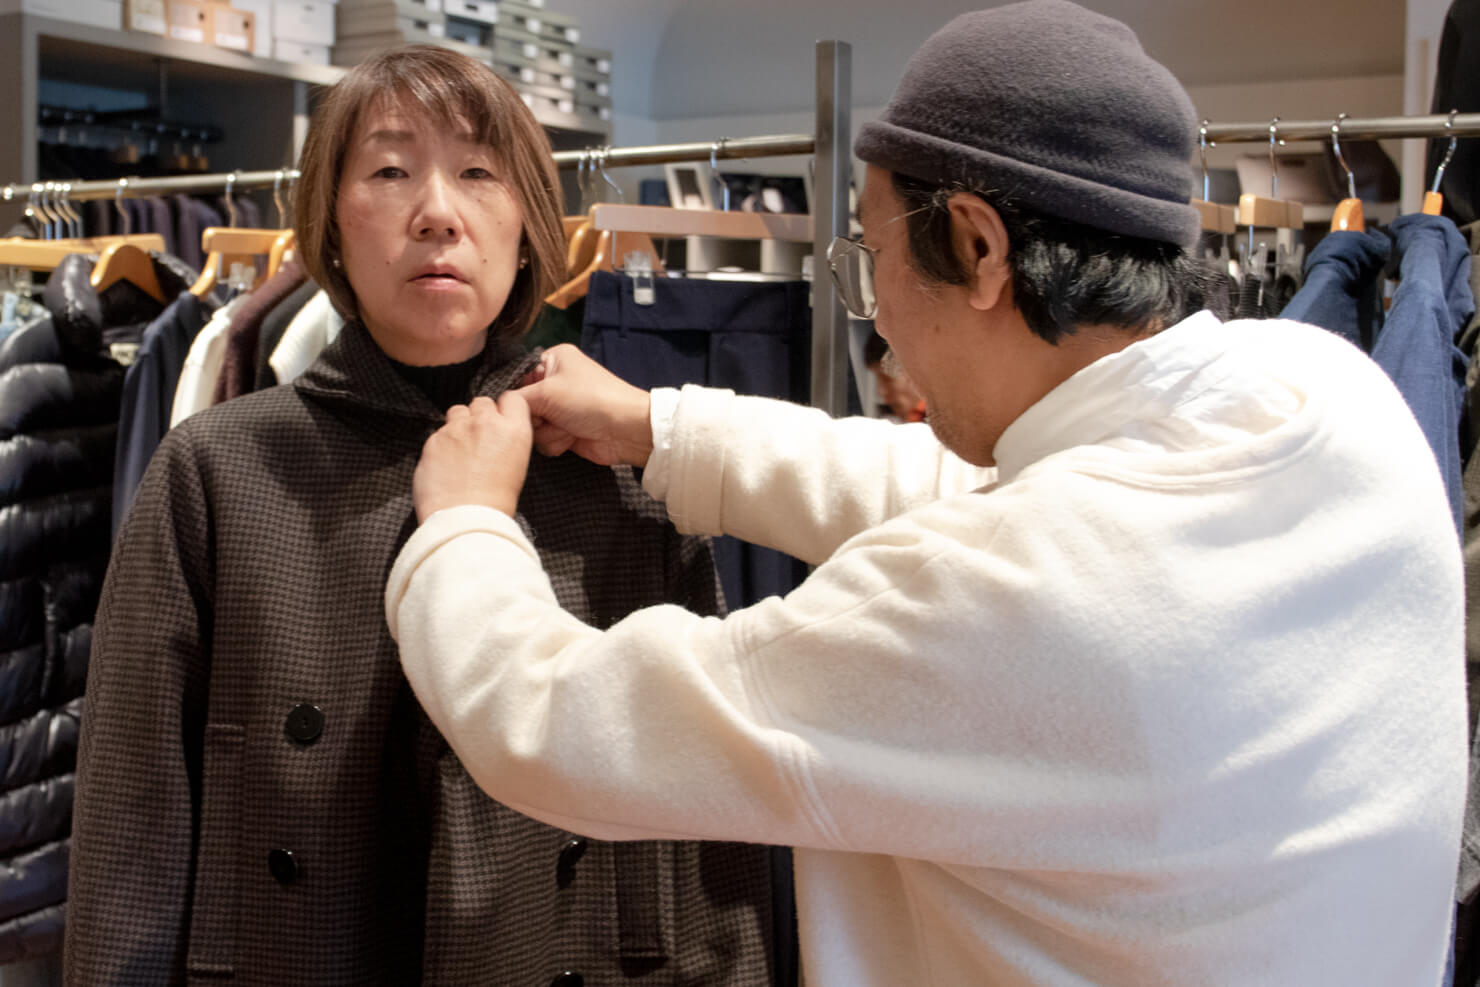 ジャケットの襟のボタンを留めてもらっているガッツの顔がボケすぎている写真